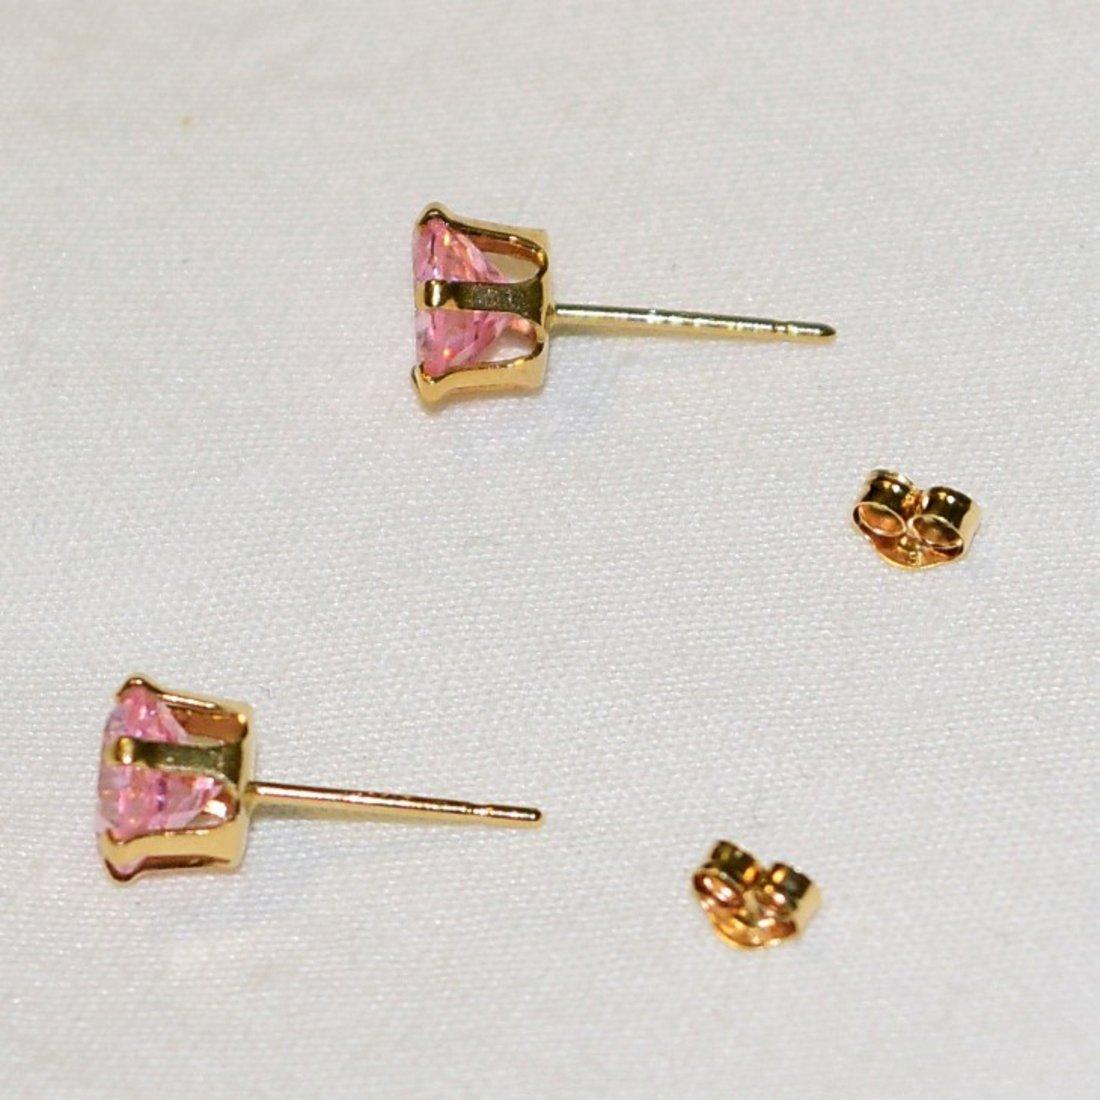 14 K Gold Pink Tourmaline Pierced Earrings 1.7 TCW - 3